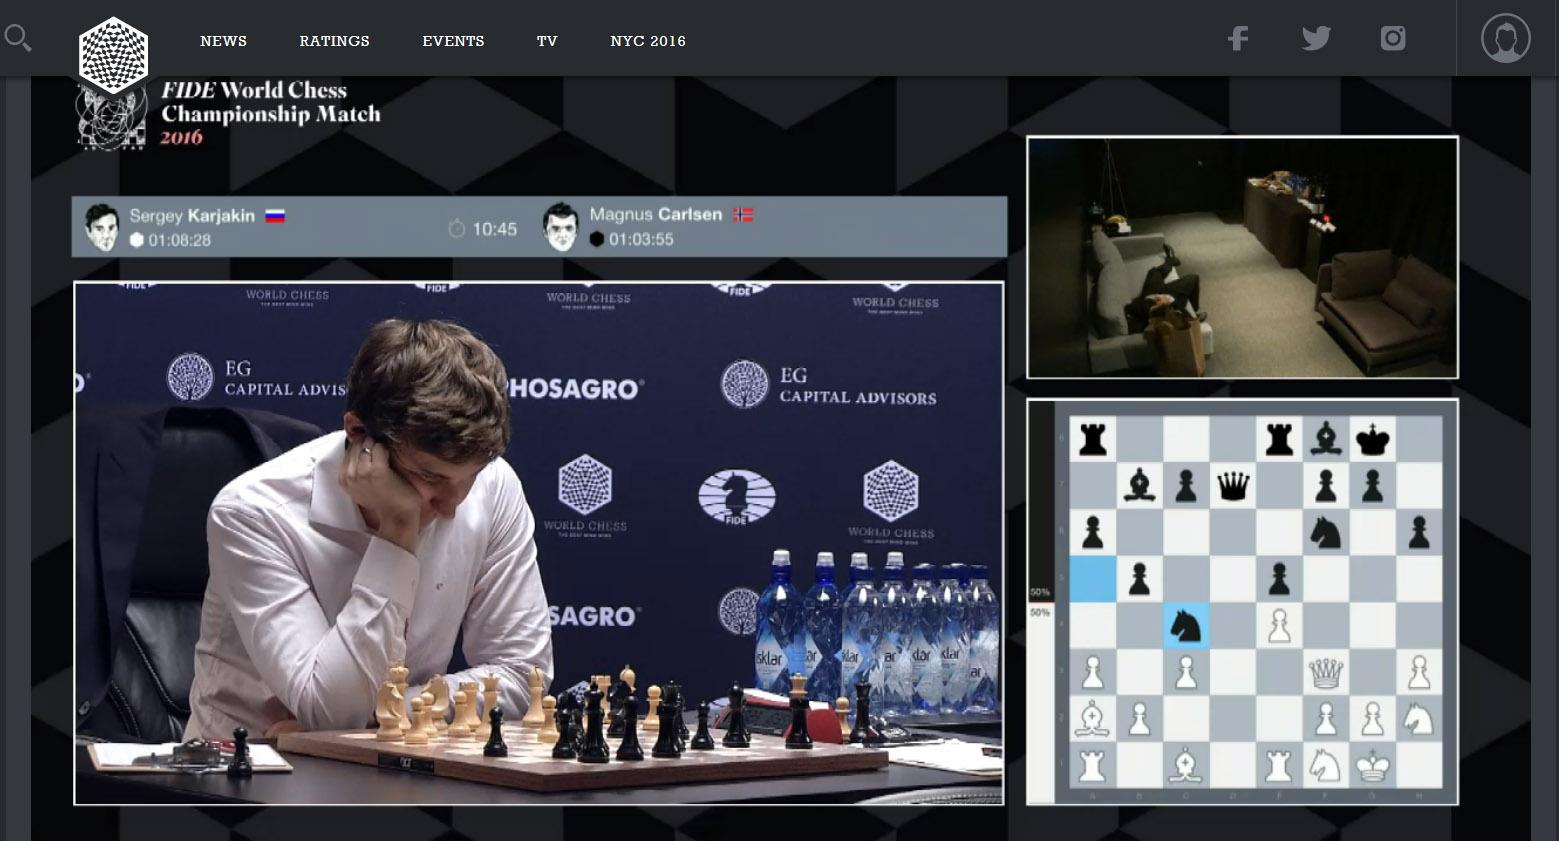 Carlsen ponders move after Karjakin's 17...Nc4